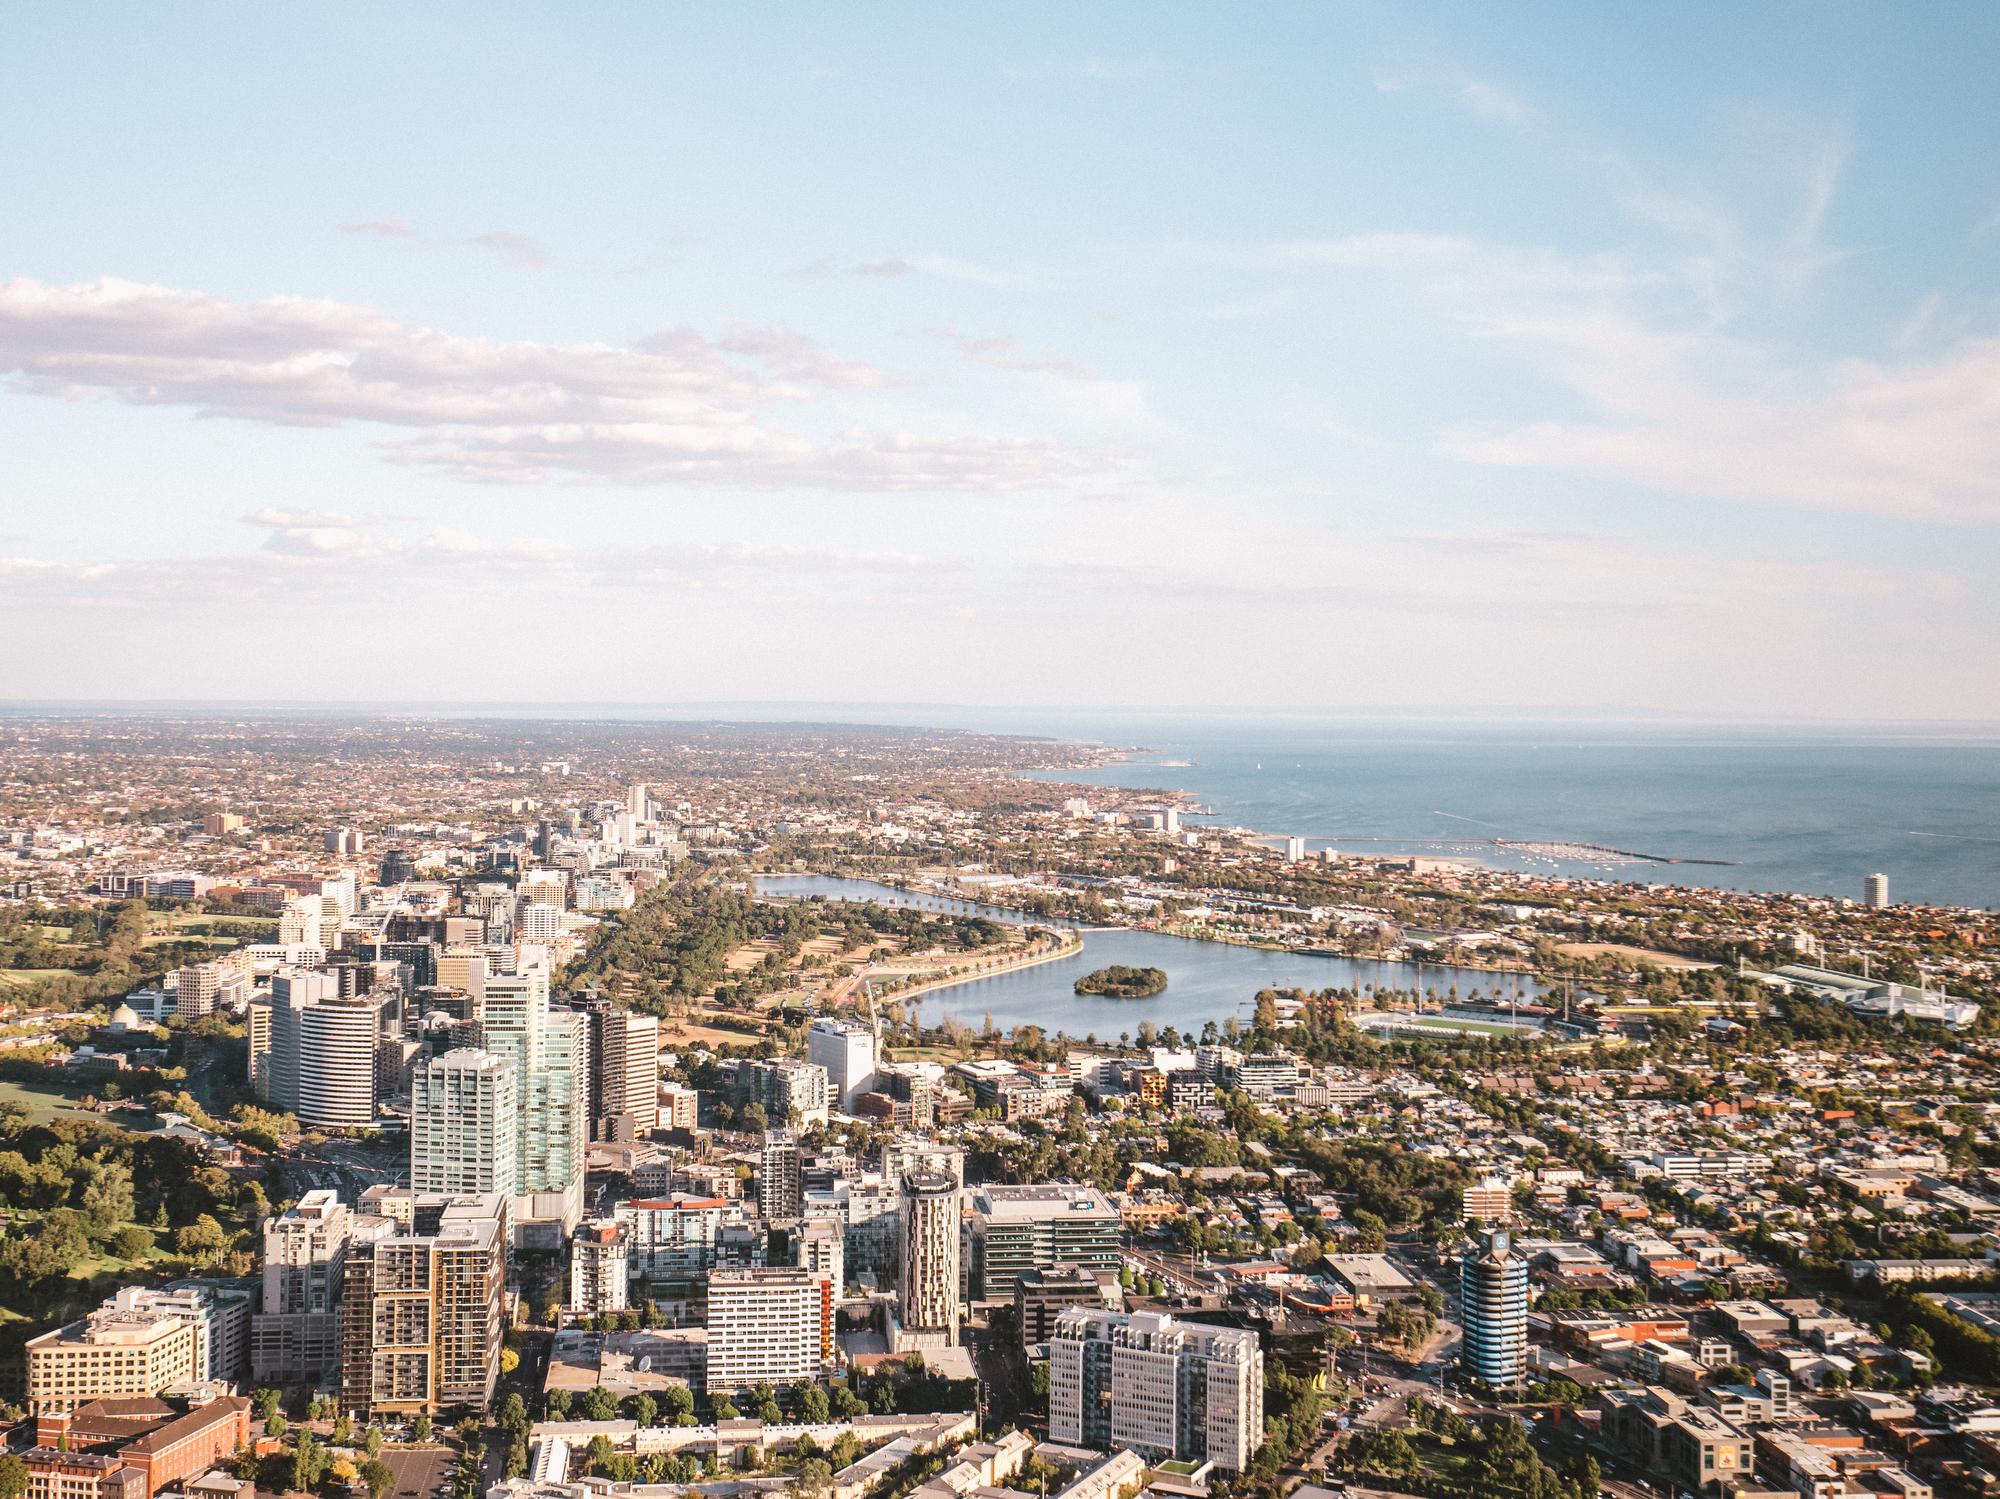 Albert Park, Melbourne, Victoria, Australia.